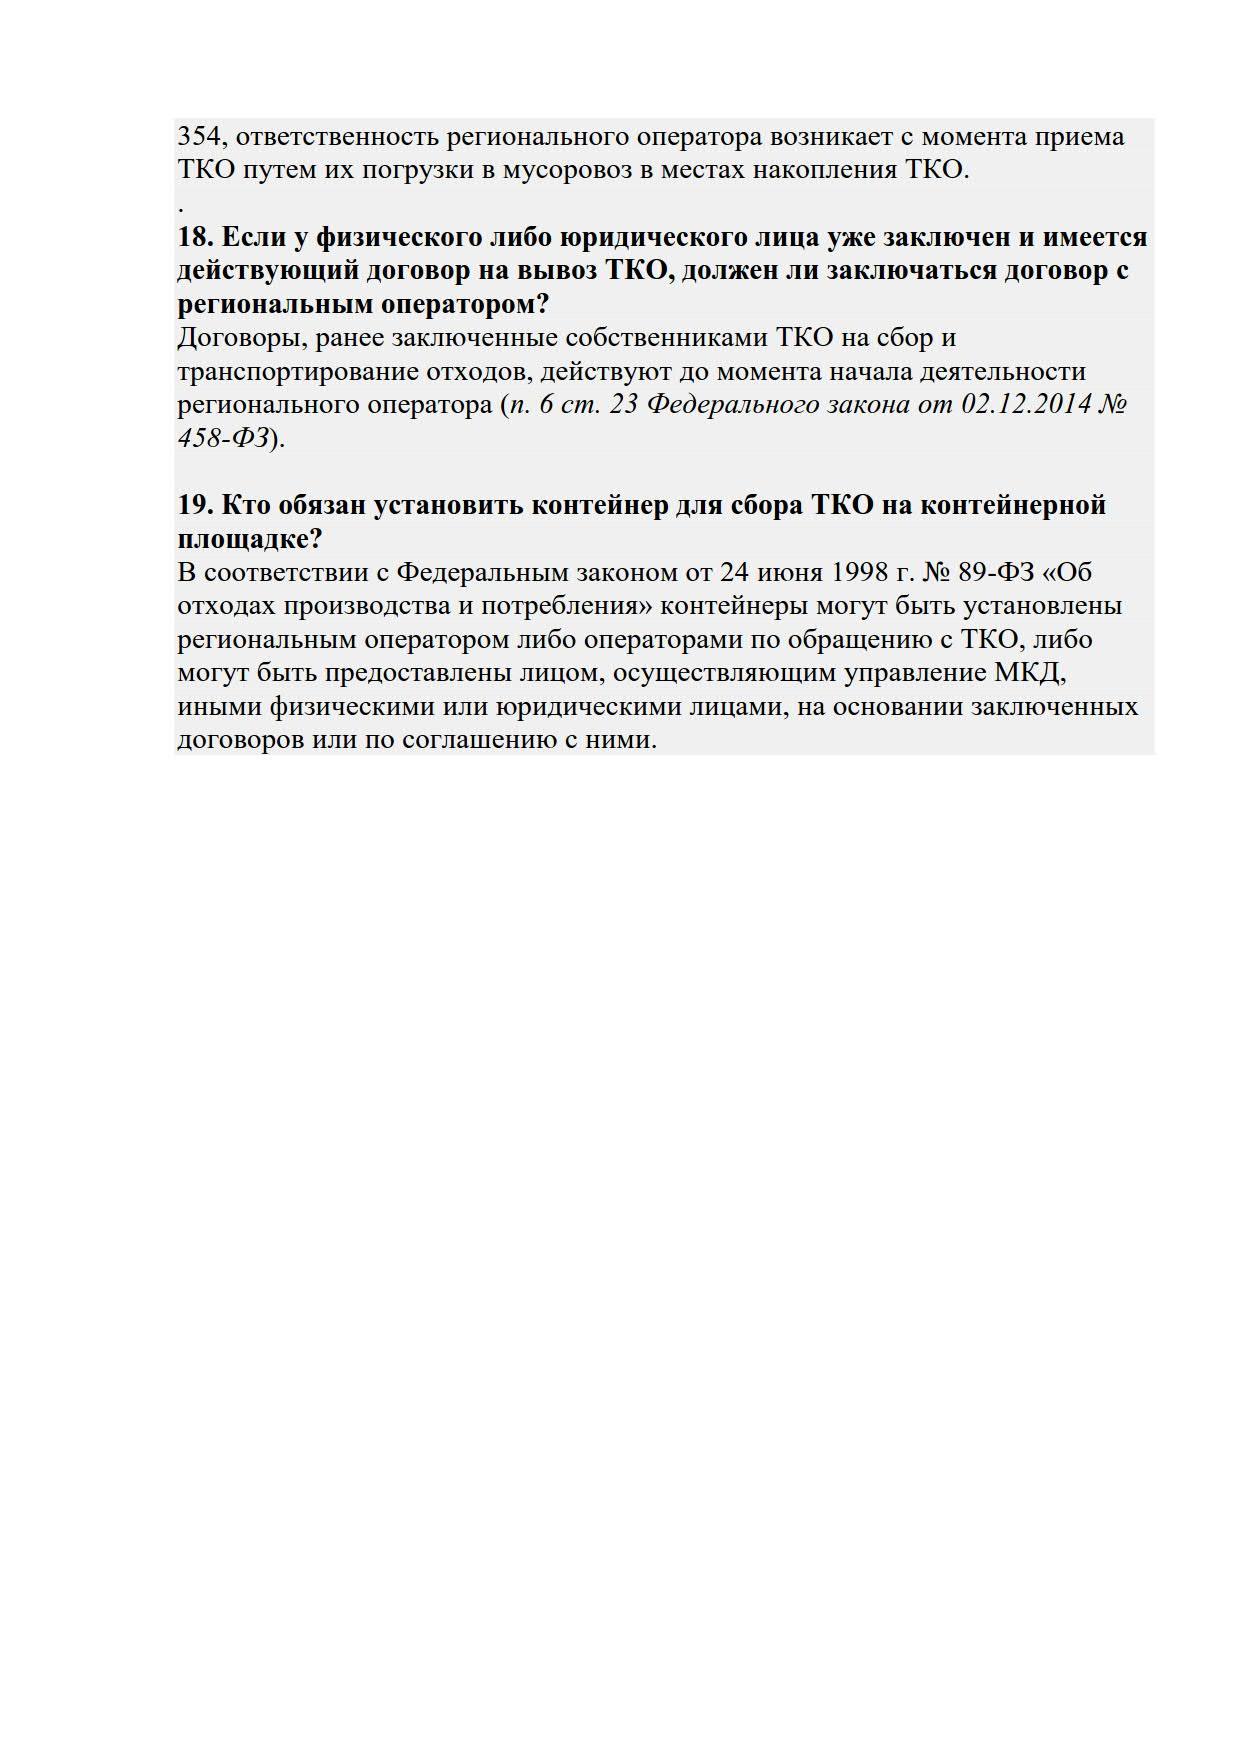 Общая информация по реформе_7